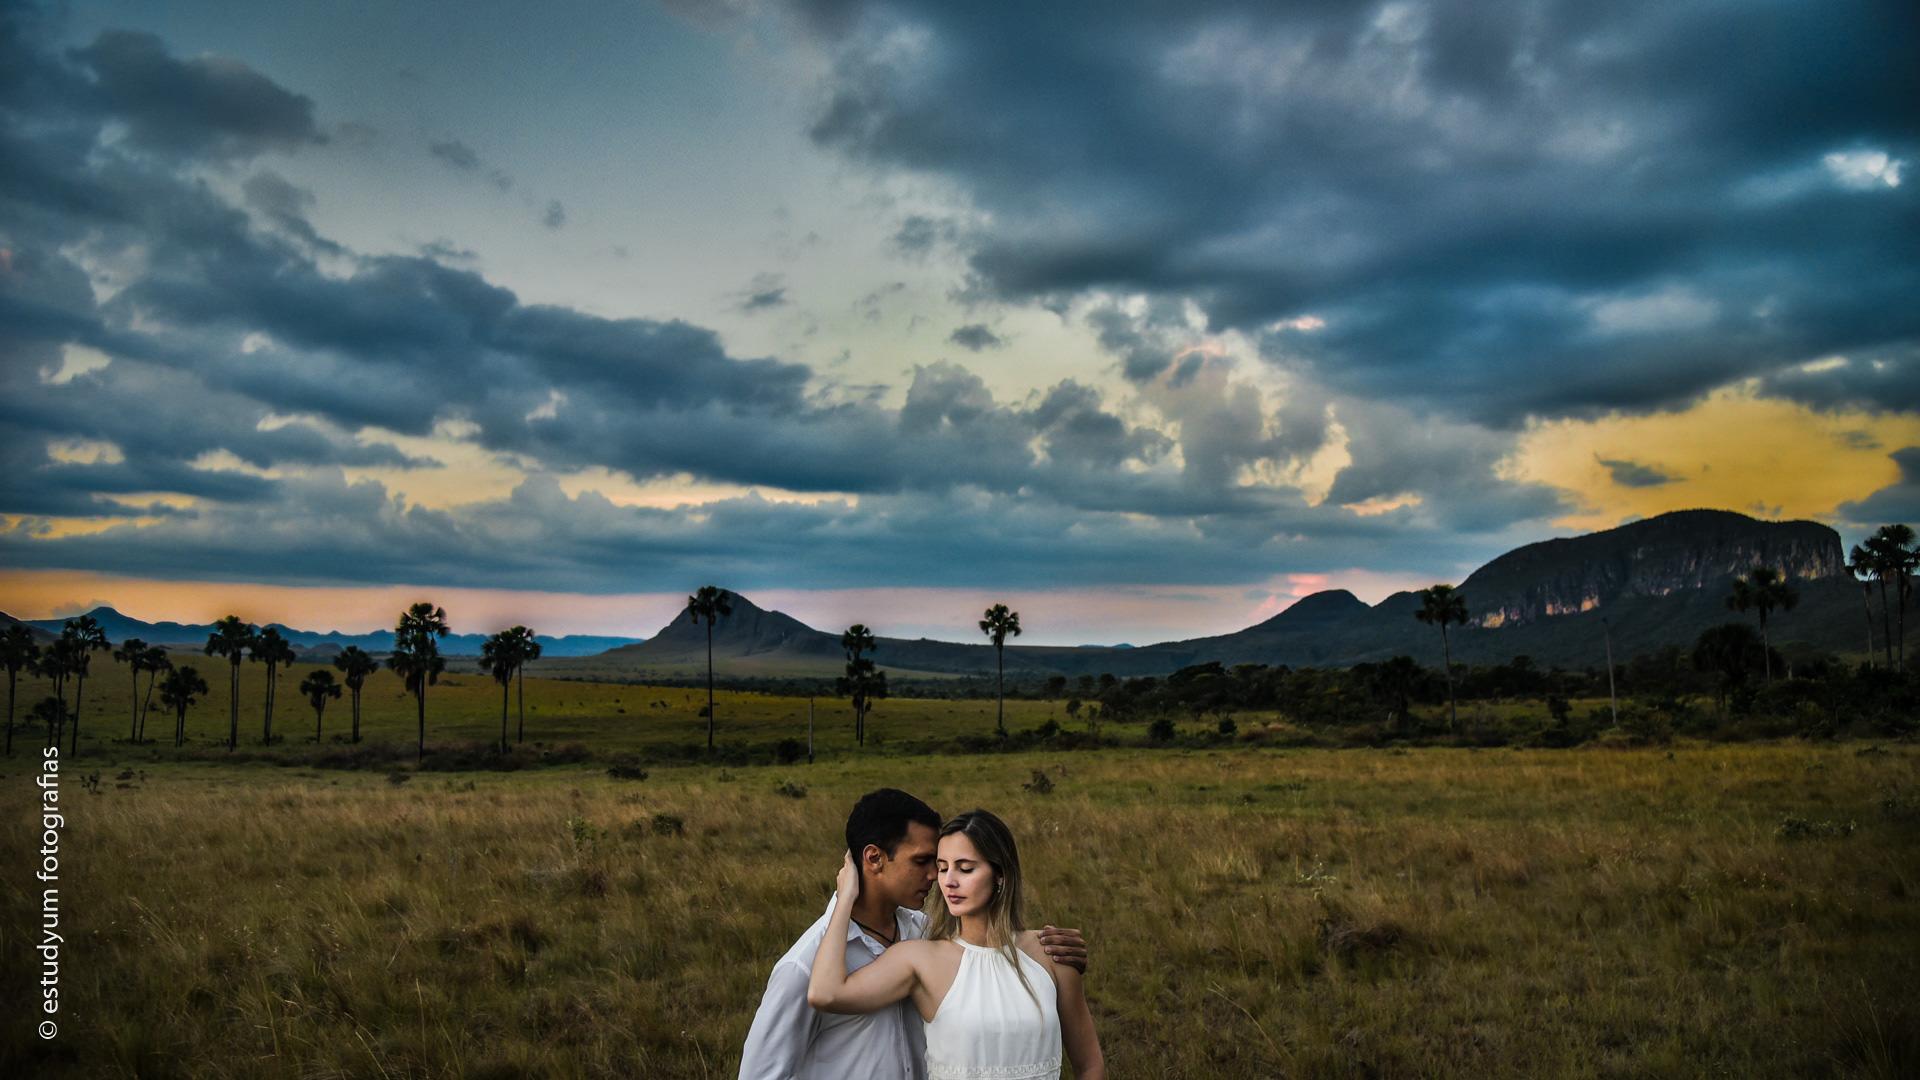 Imagem capa - Prepare-se para seu Ensaio de fotos Pré-Casamento! por Flavio Guilherme Pena Monteiro